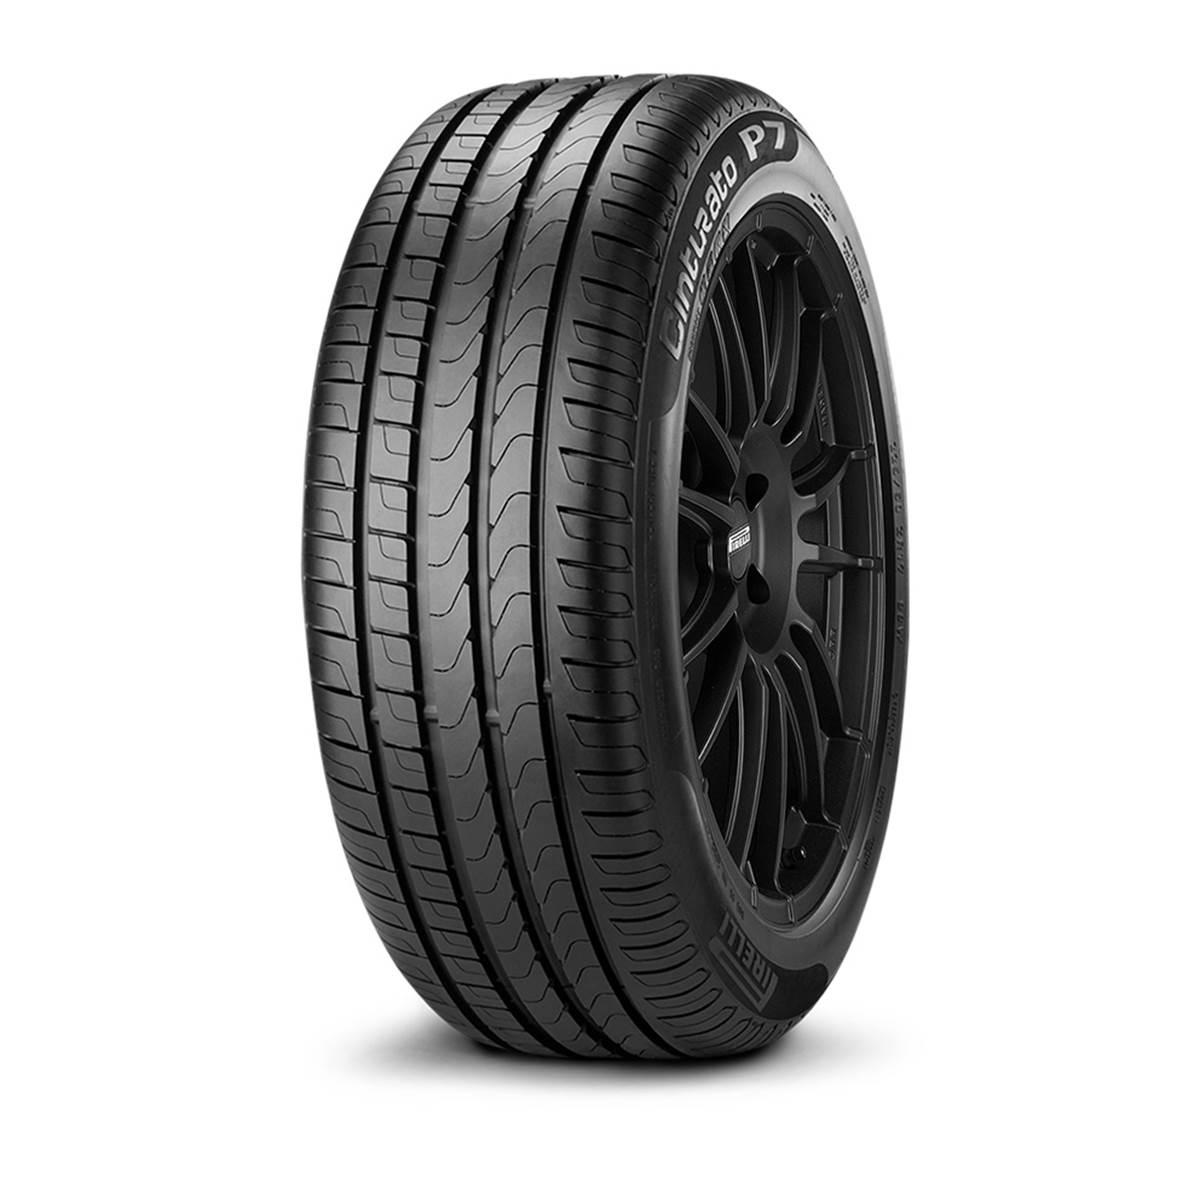 Pneu Runflat Pirelli 255/45R18 99W Cinturato P7